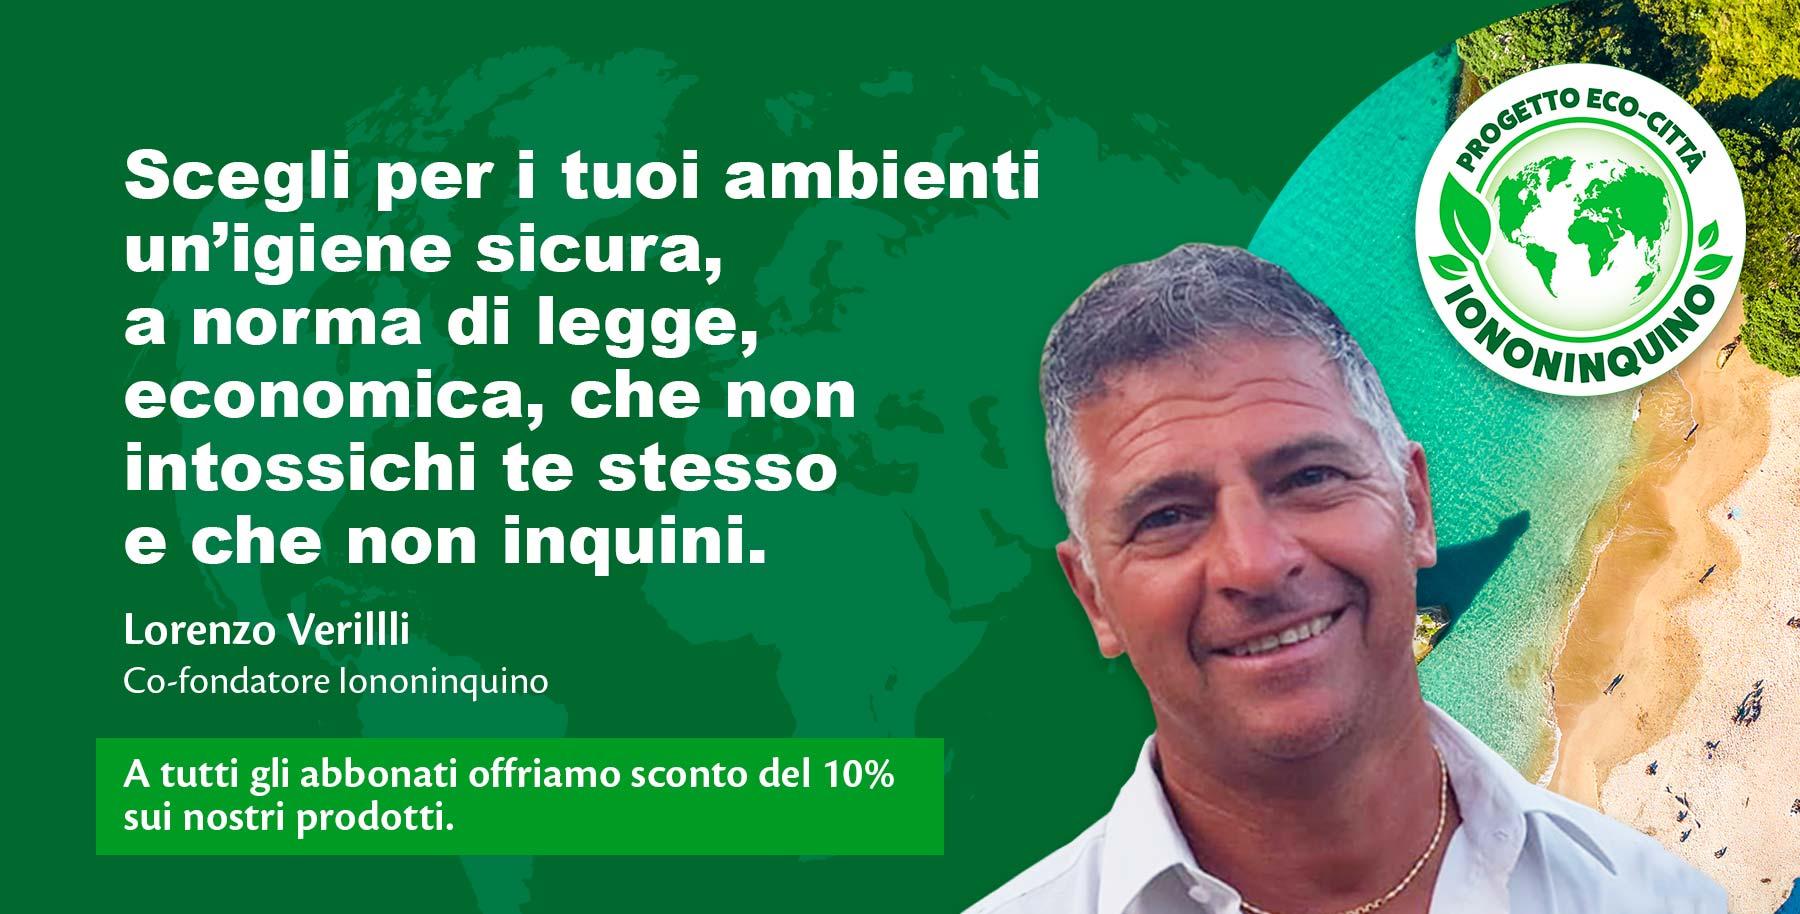 Lorenzo Verilli: Io non inquino